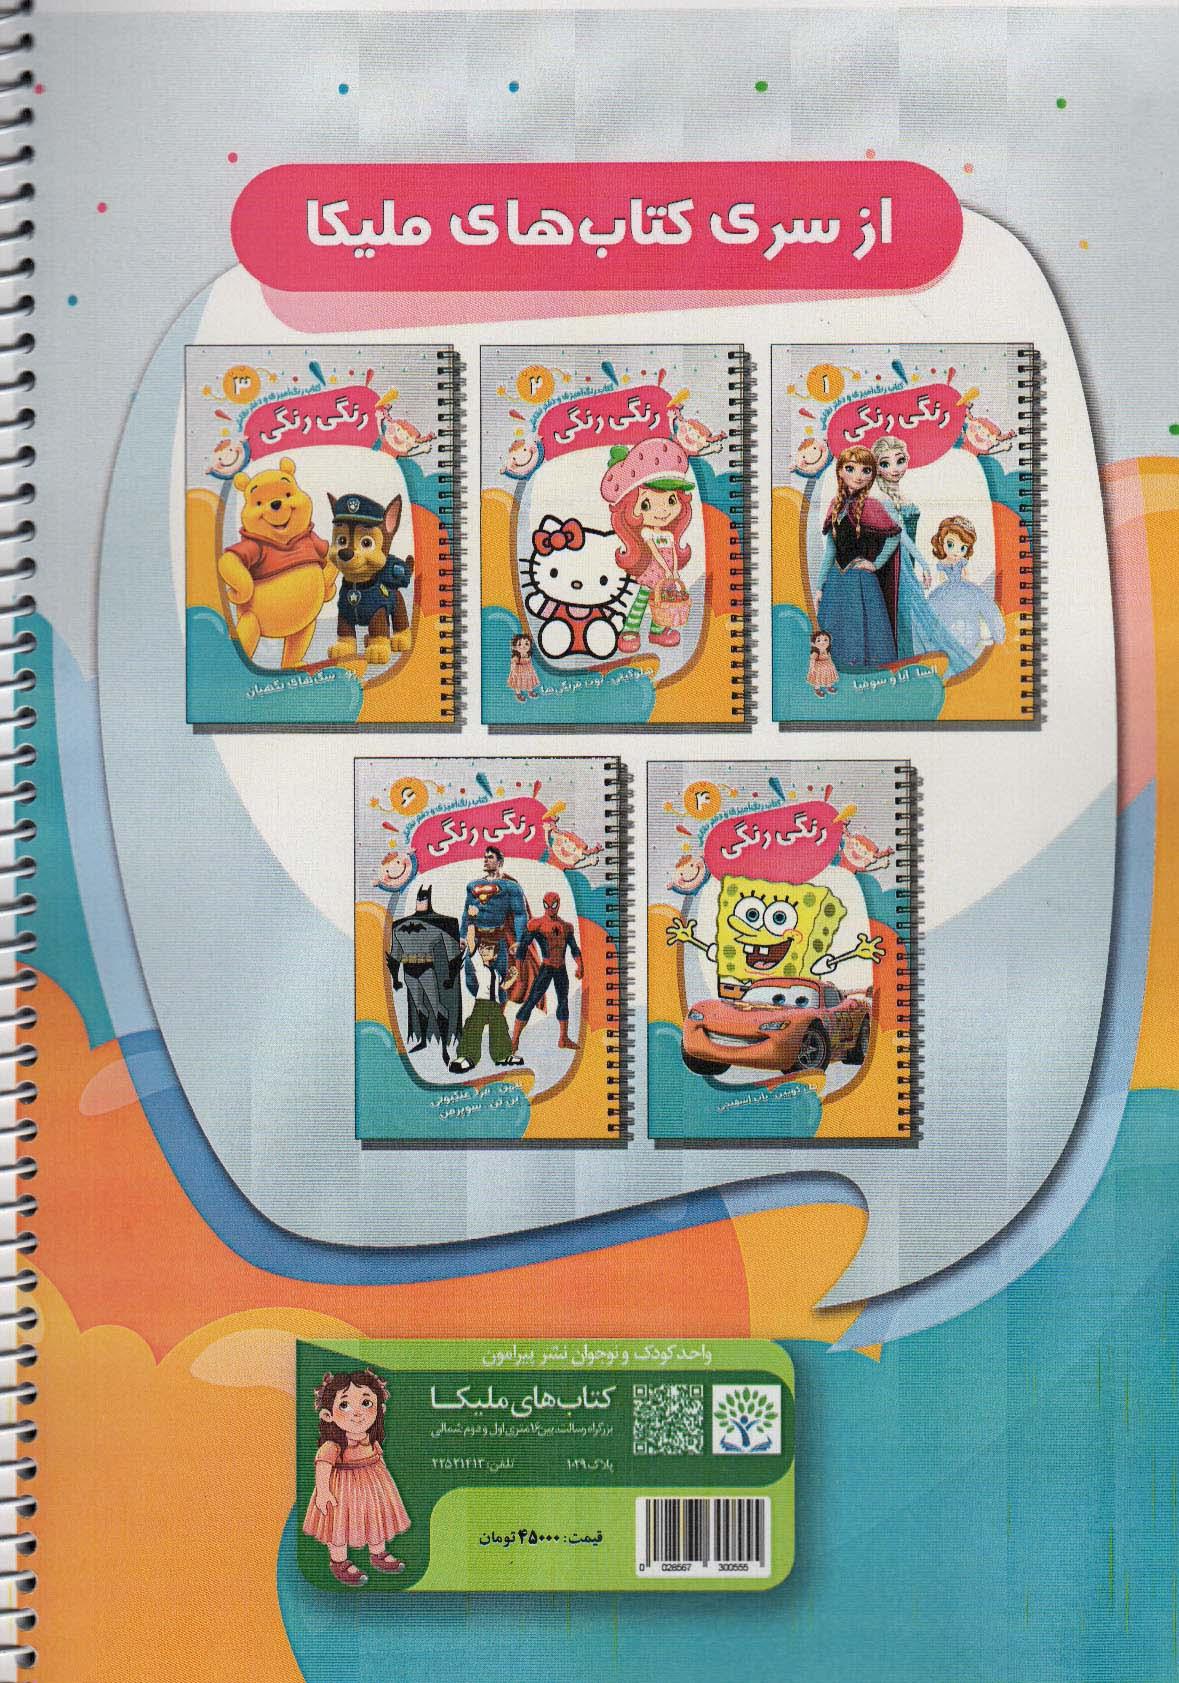 کتاب رنگ آمیزی و دفتر نقاشی رنگی رنگی 5 (مینیون-بچه رئیس)،(سیمی)